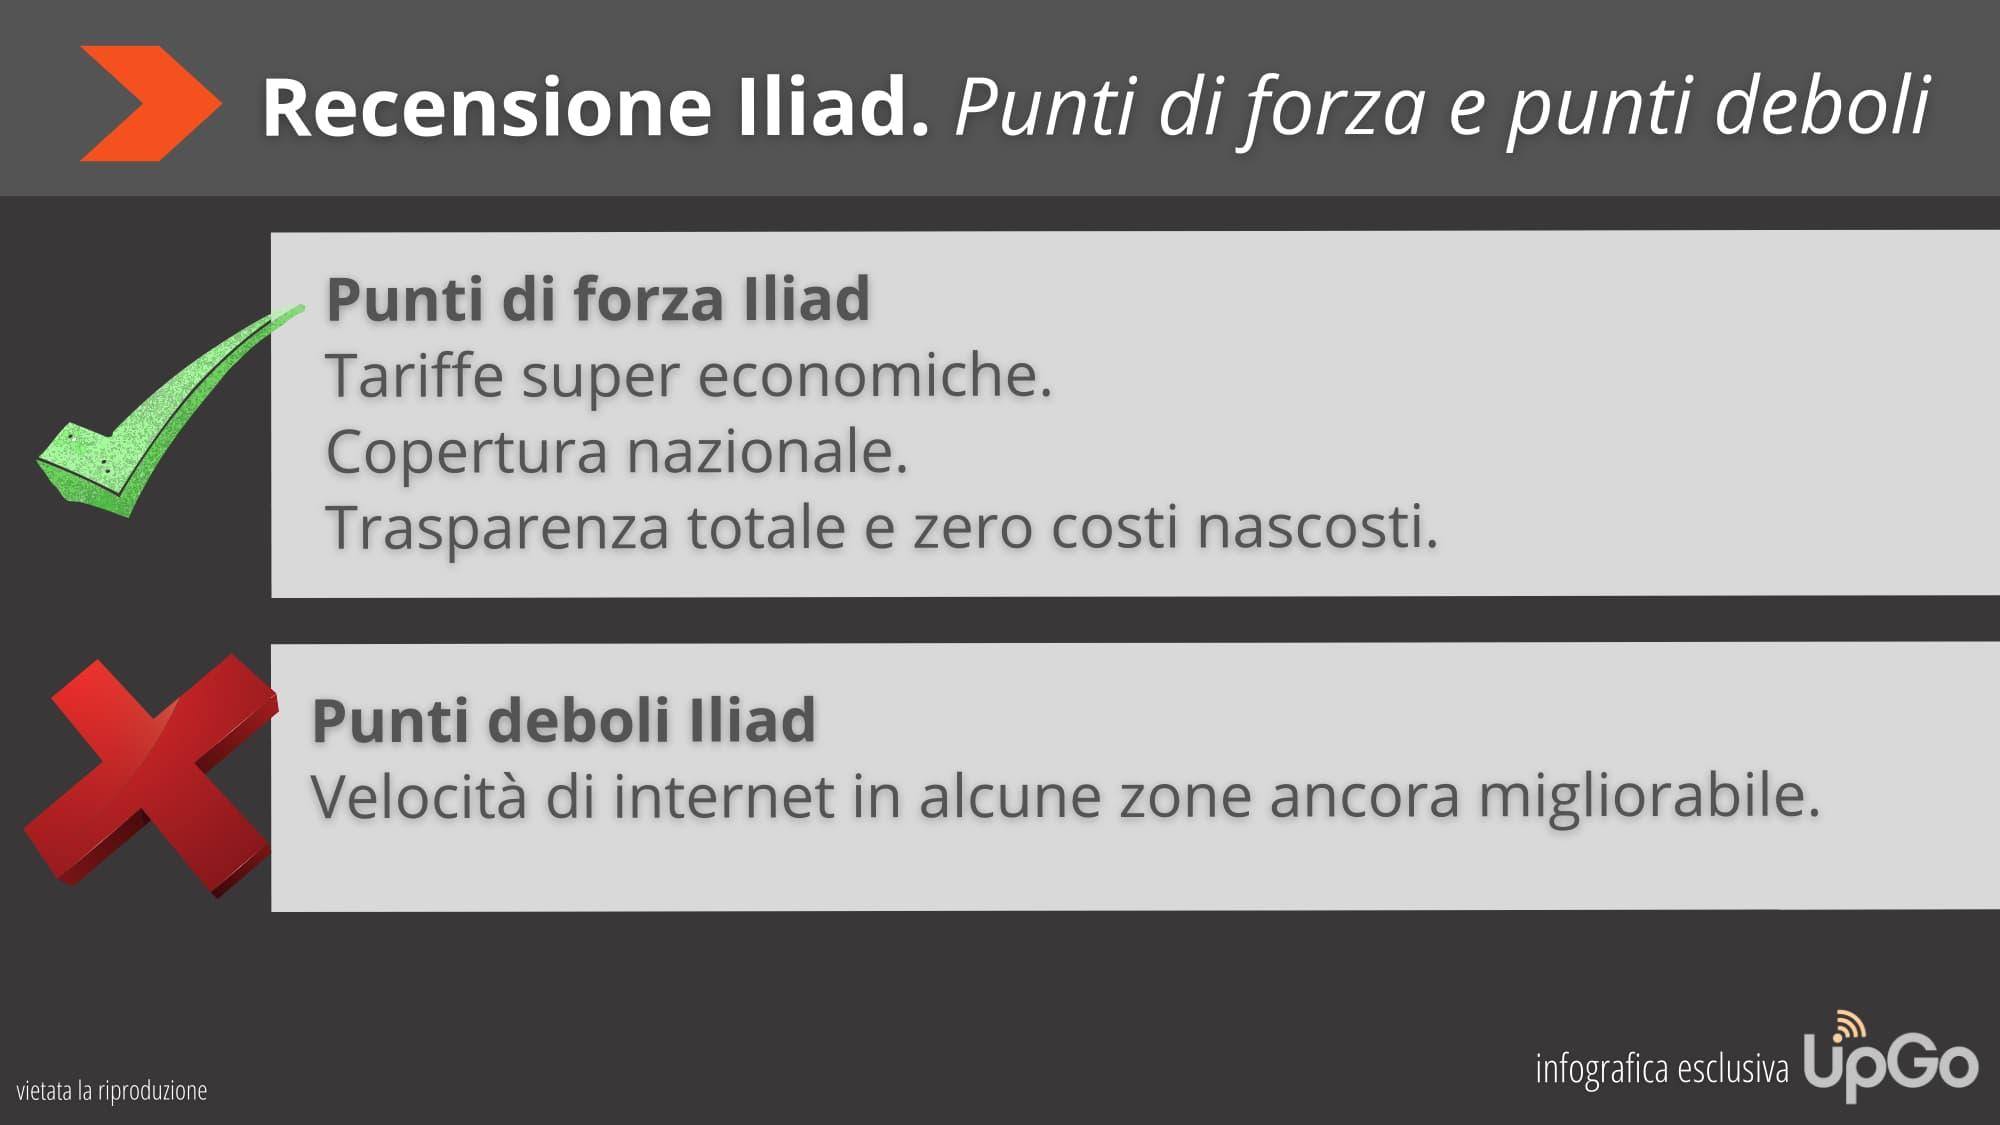 Recensione Iliad, conclusioni